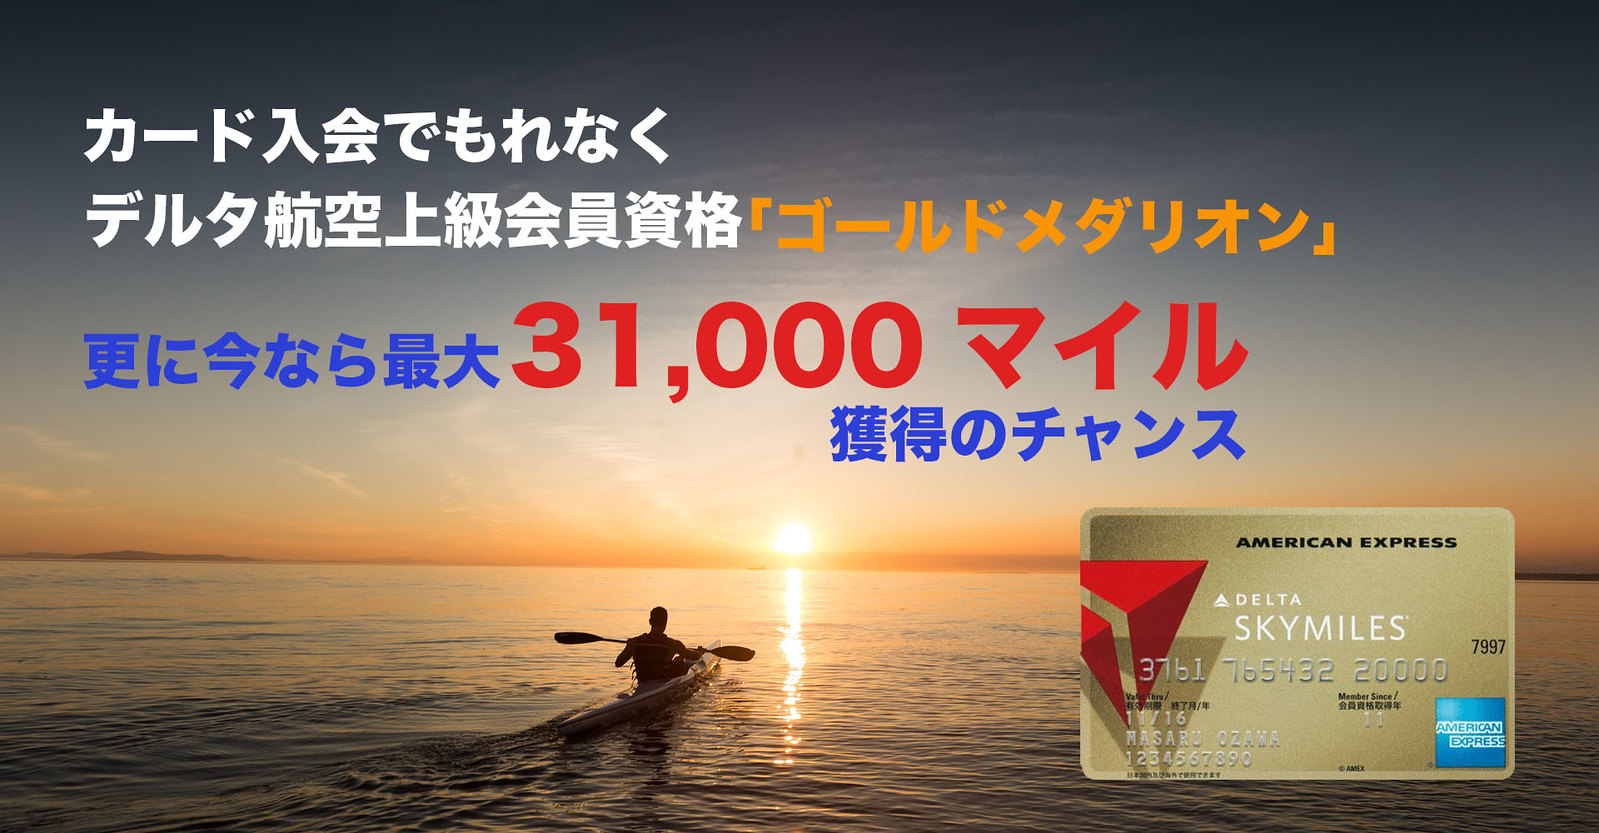 デルタキャンペーン記事トップ用